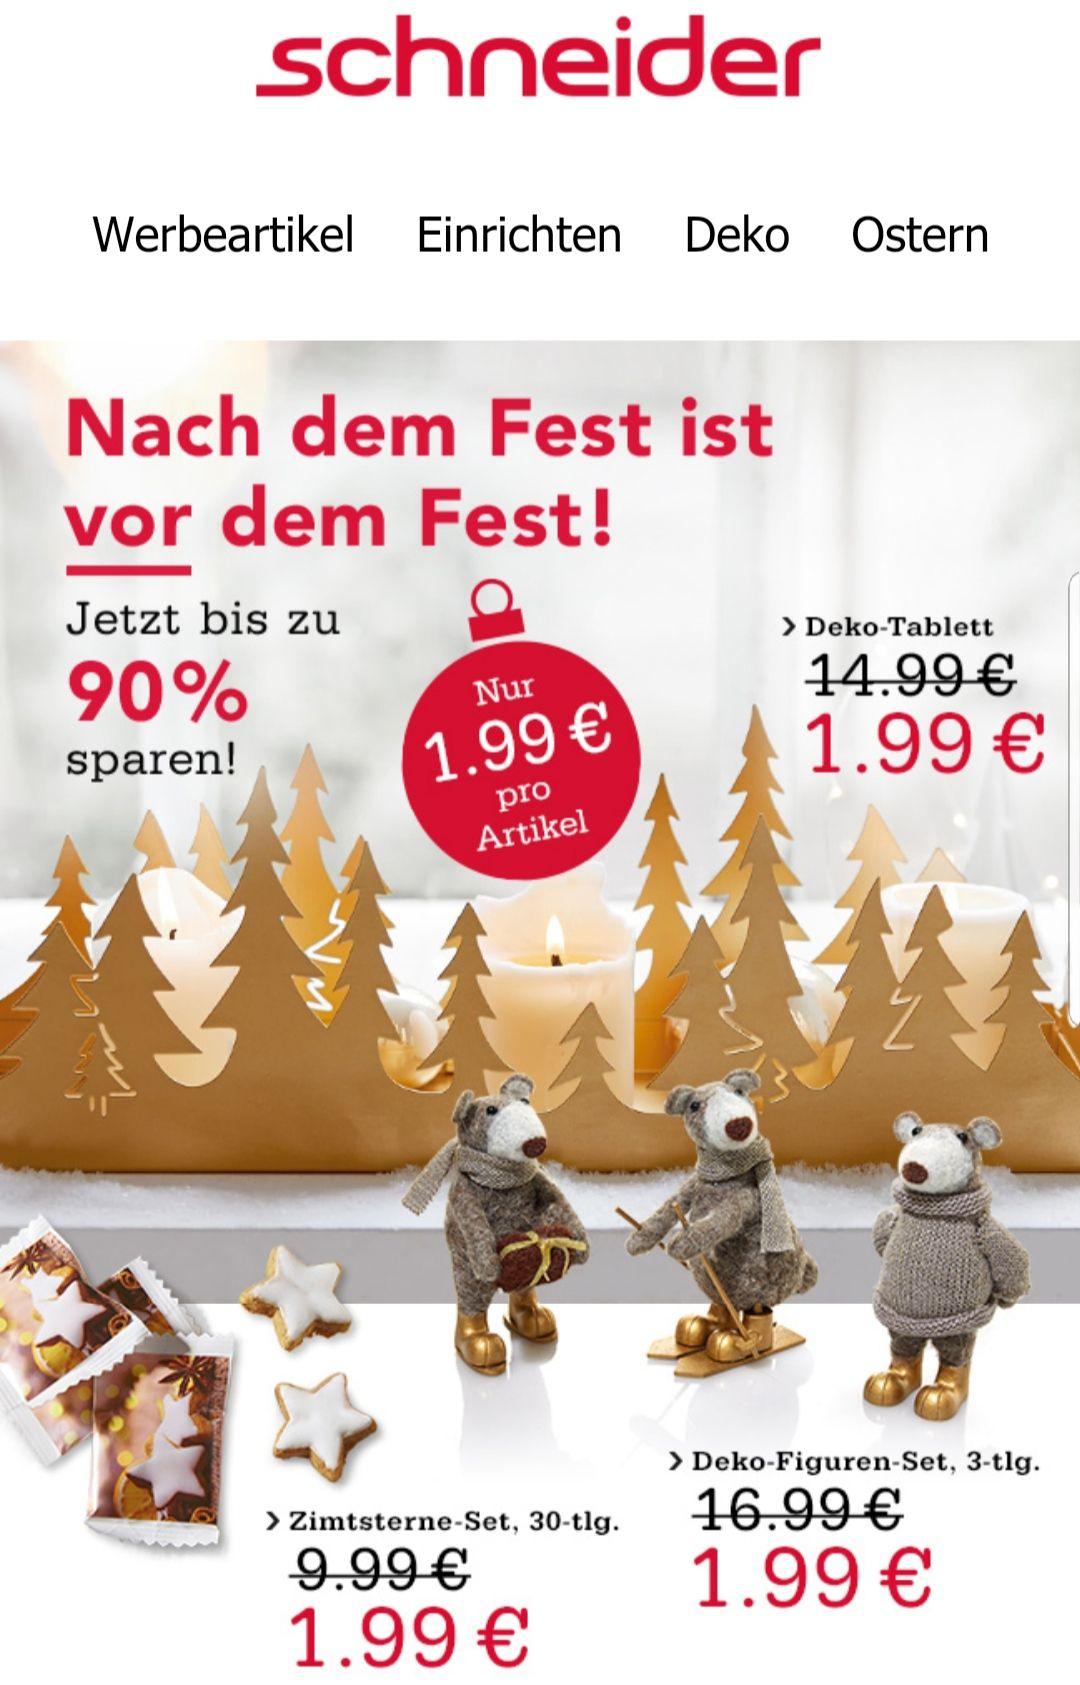 Schneider 1.99€ Aktion z.B. dry Gin 350ml zzgl. Versand und MwSt. Evtl. 10€ Newslettergutschein